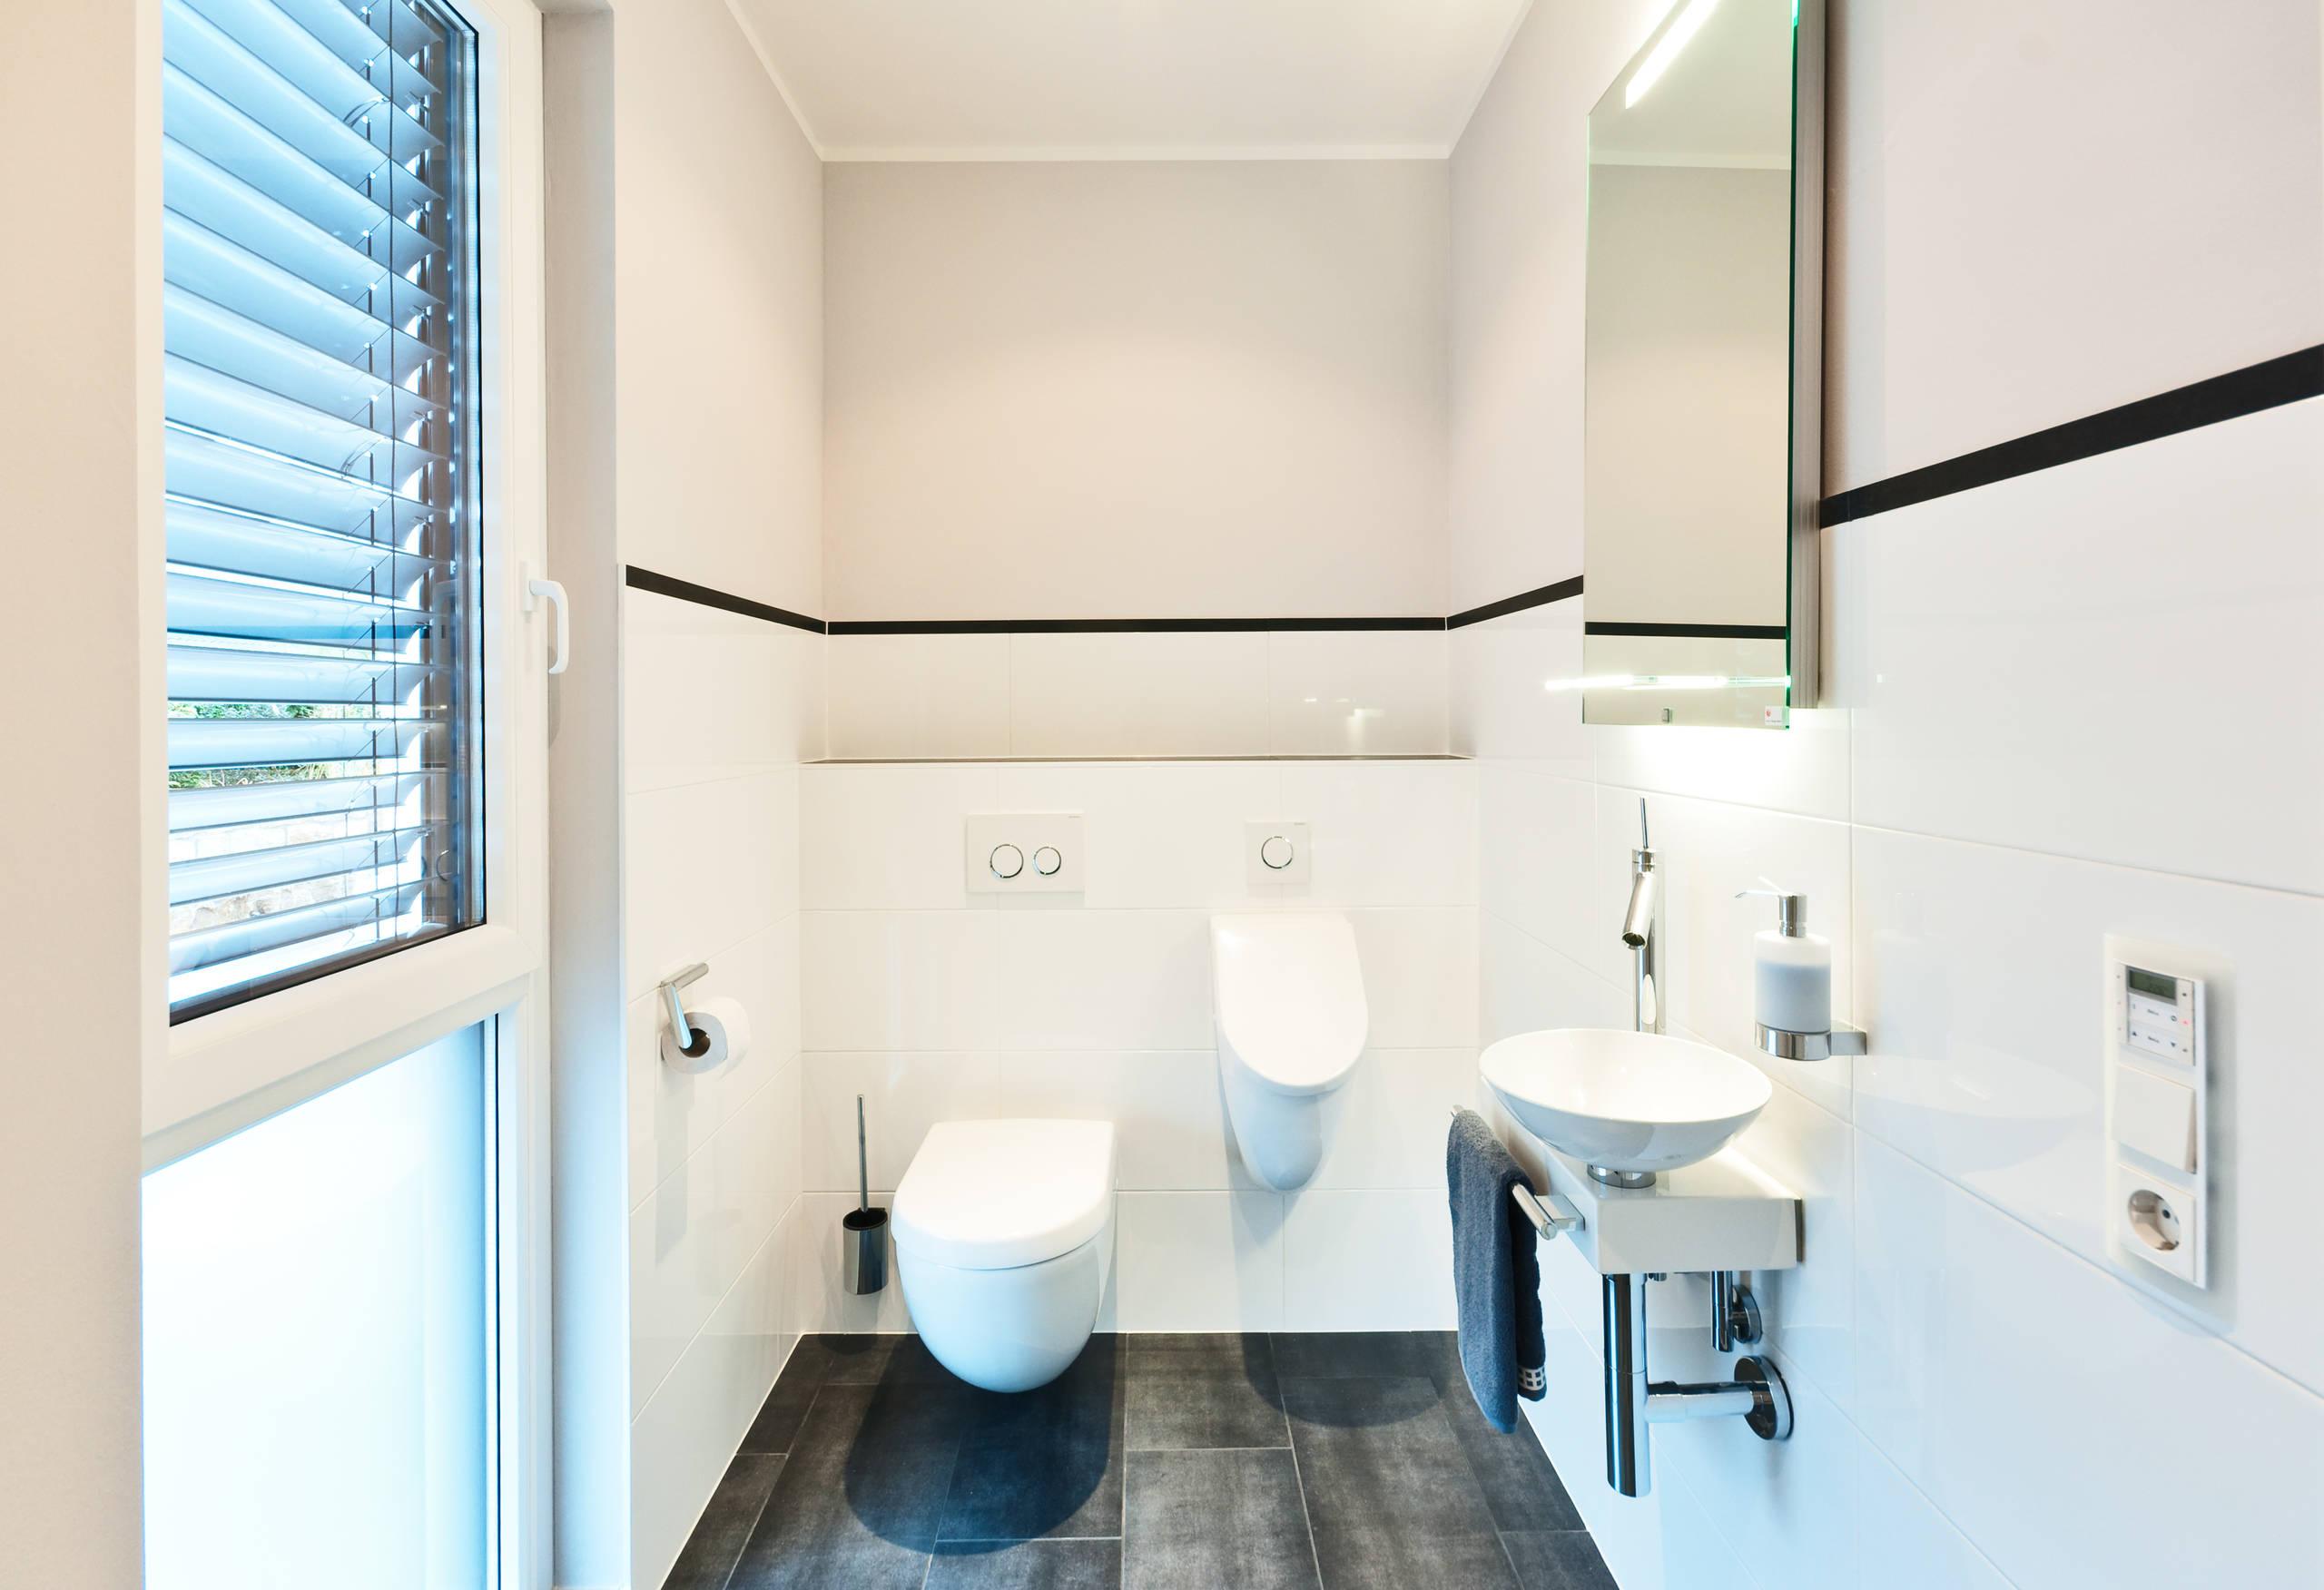 20 Ideen, die jedes halbhoch geflieste Bad aufpeppen